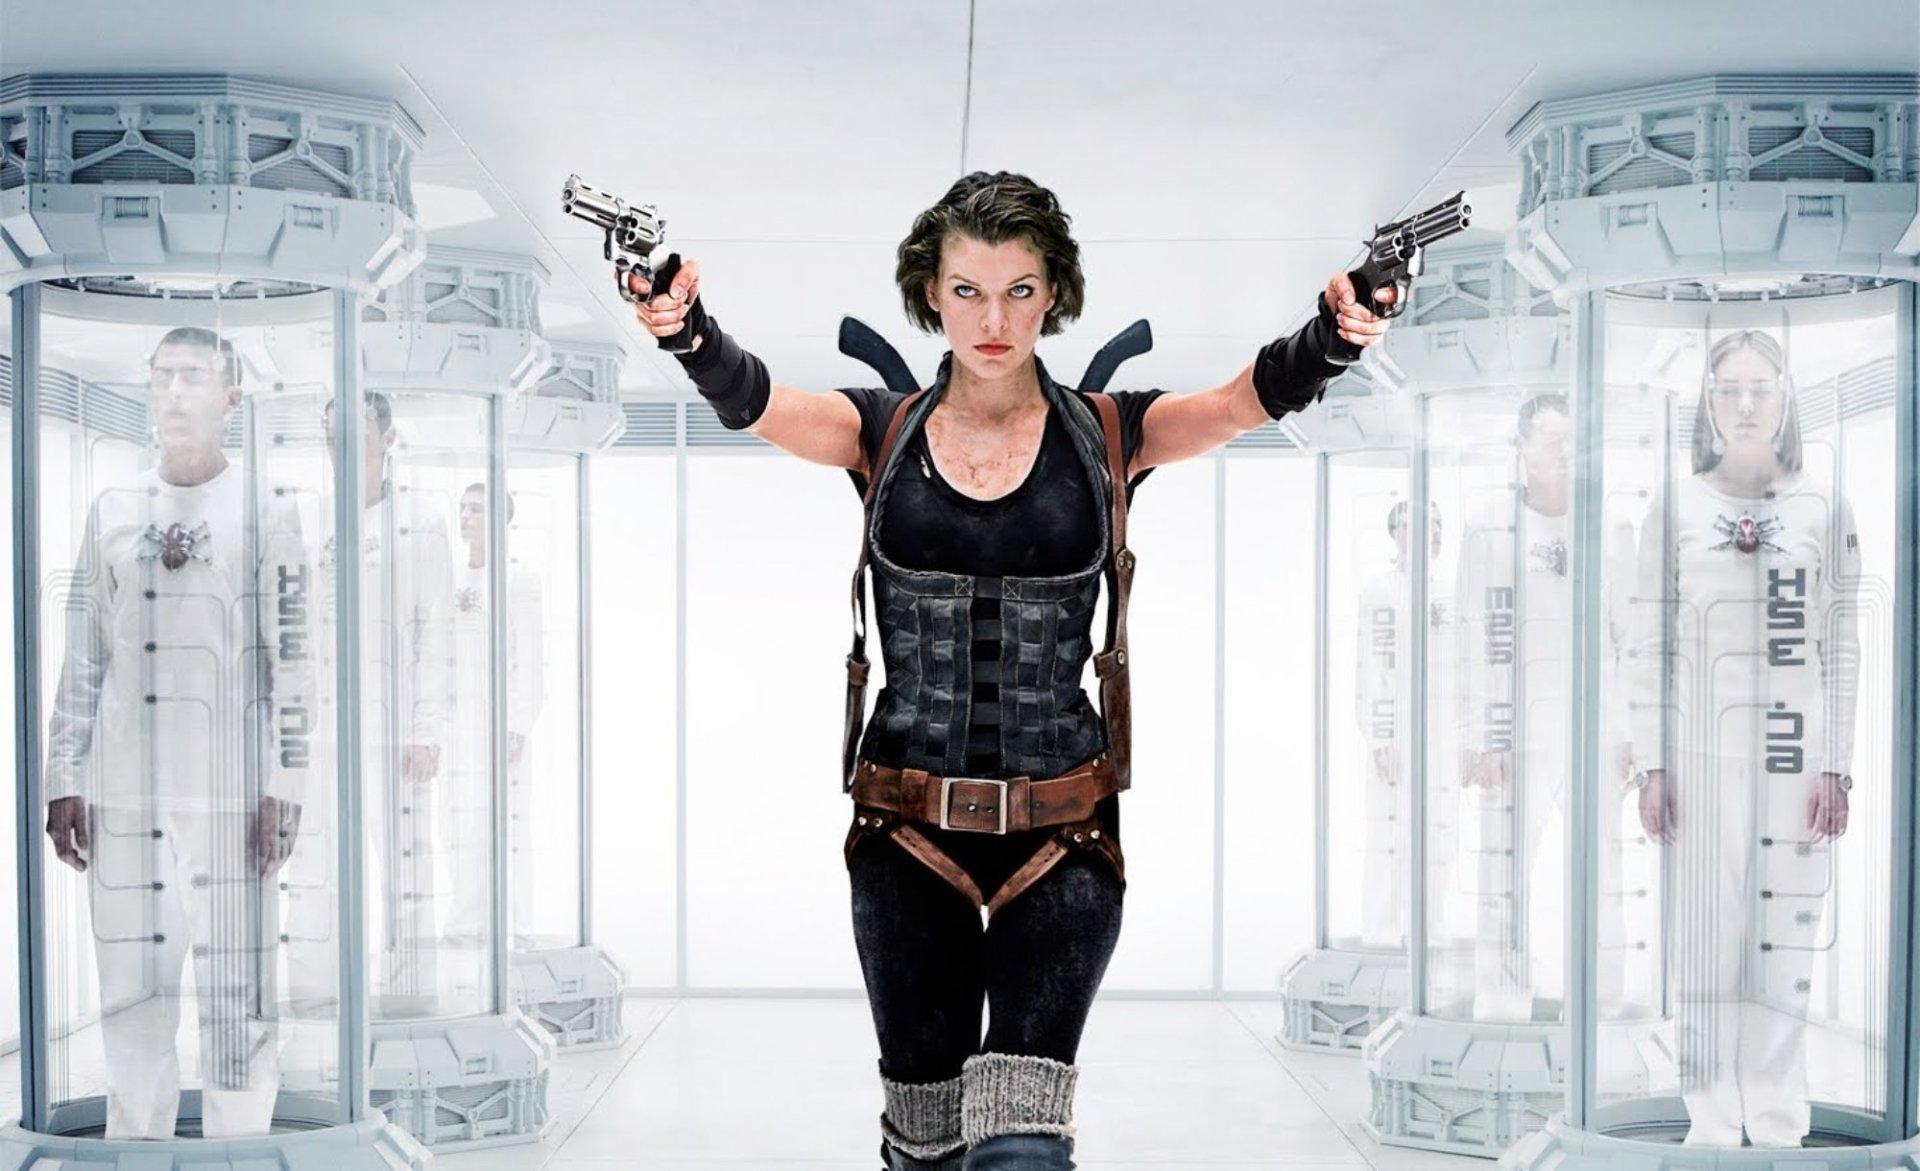 Alice Abernathy |  De armas tomar: los 7 mejores personajes femeninos de acción | BrainBerries